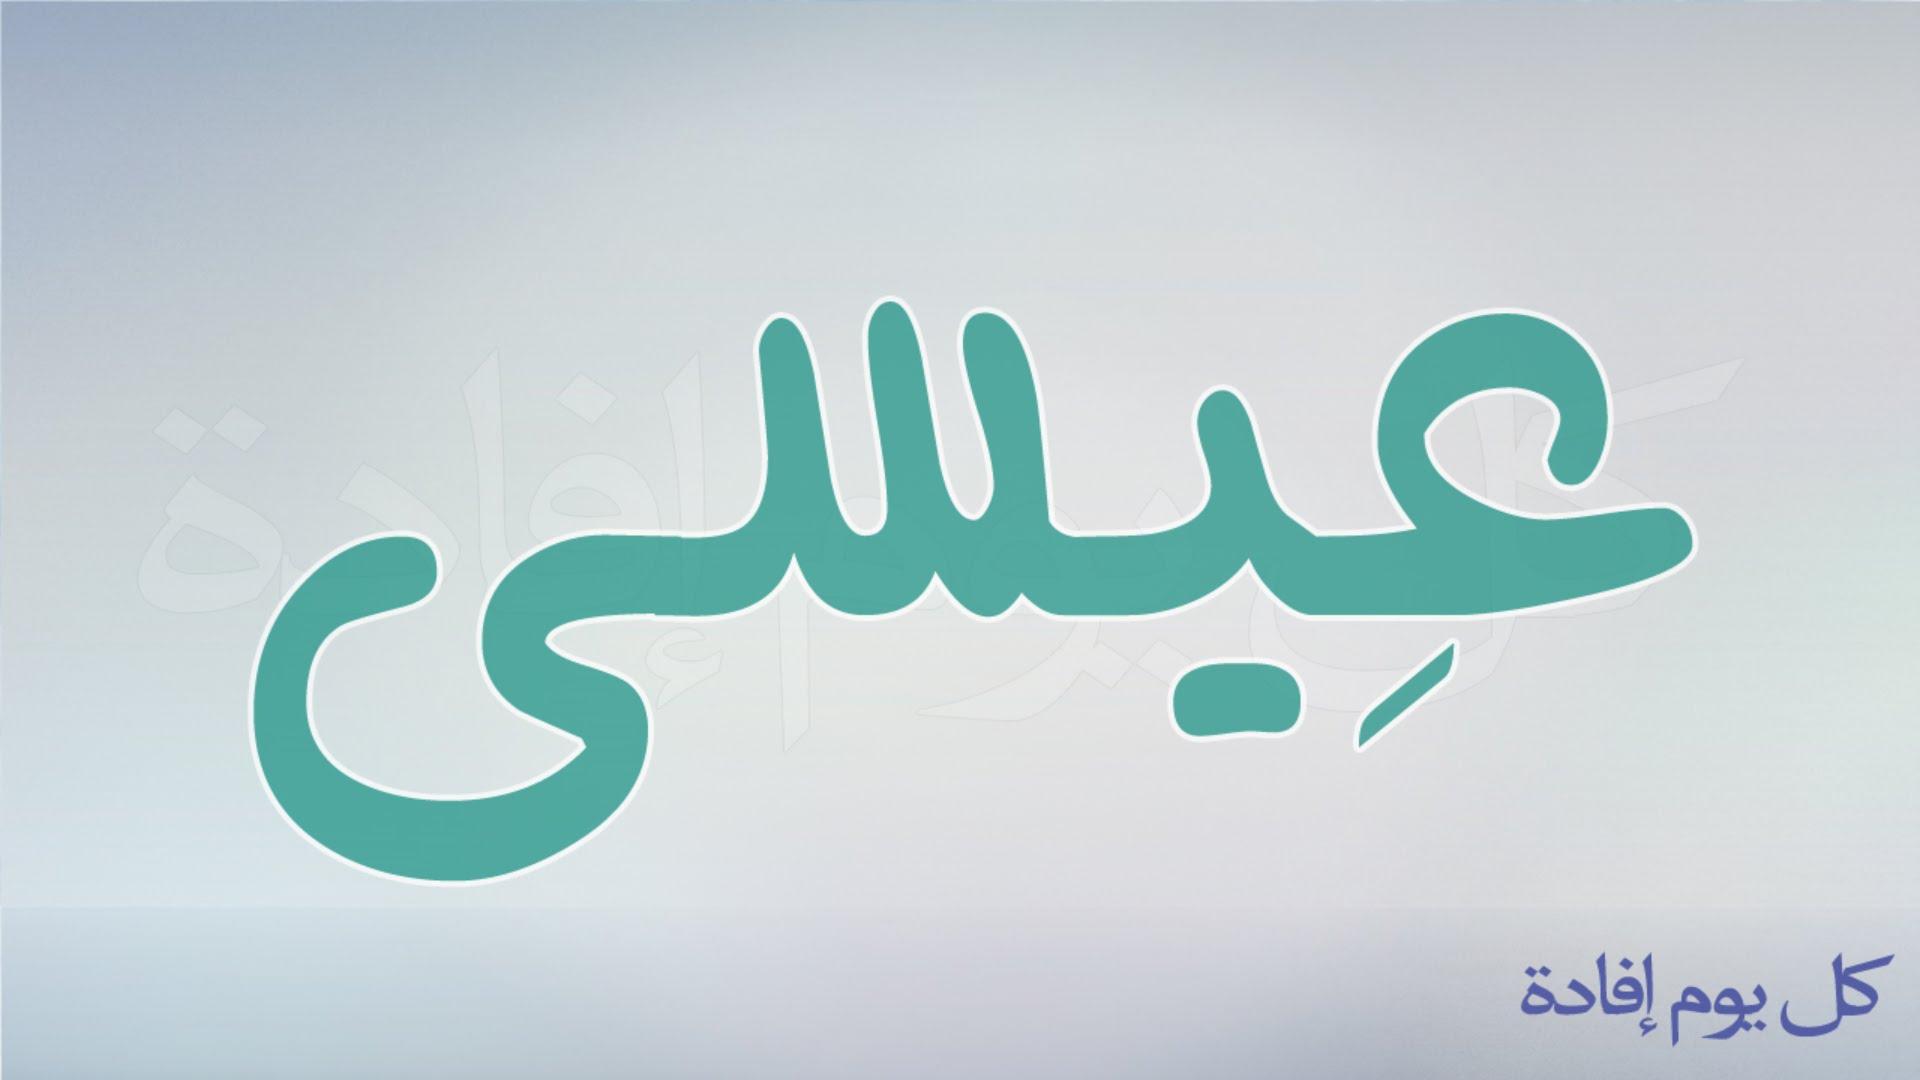 بالصور اسماء اولاد بحرف العين , اسم مذكر بحرف العين 2628 4